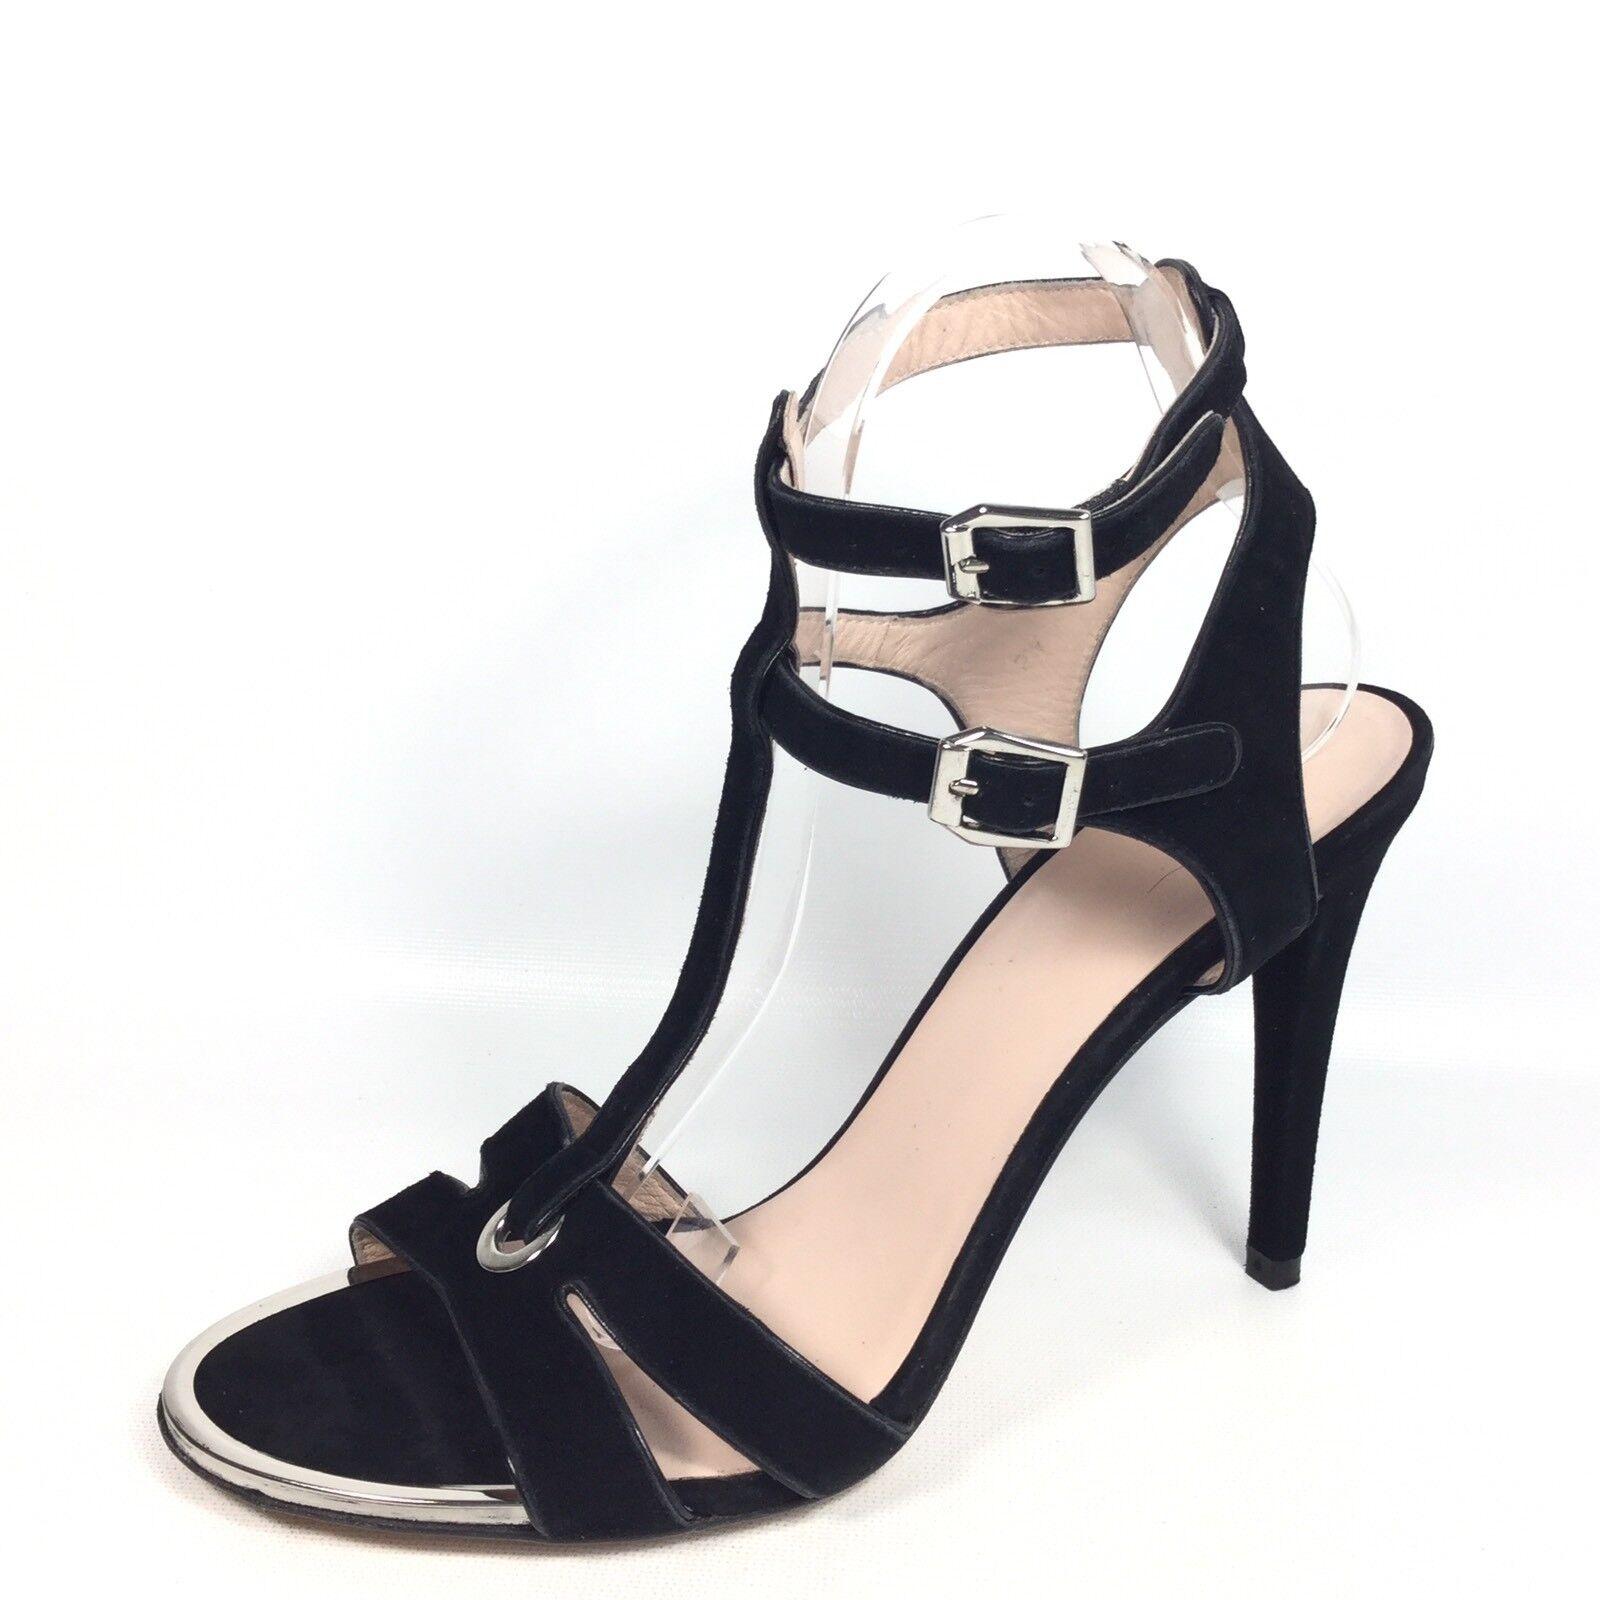 Stuart Weitzman Womens Size 9.5 M M M Black Suede Heel Dress Strappy Sandals. c2a3de